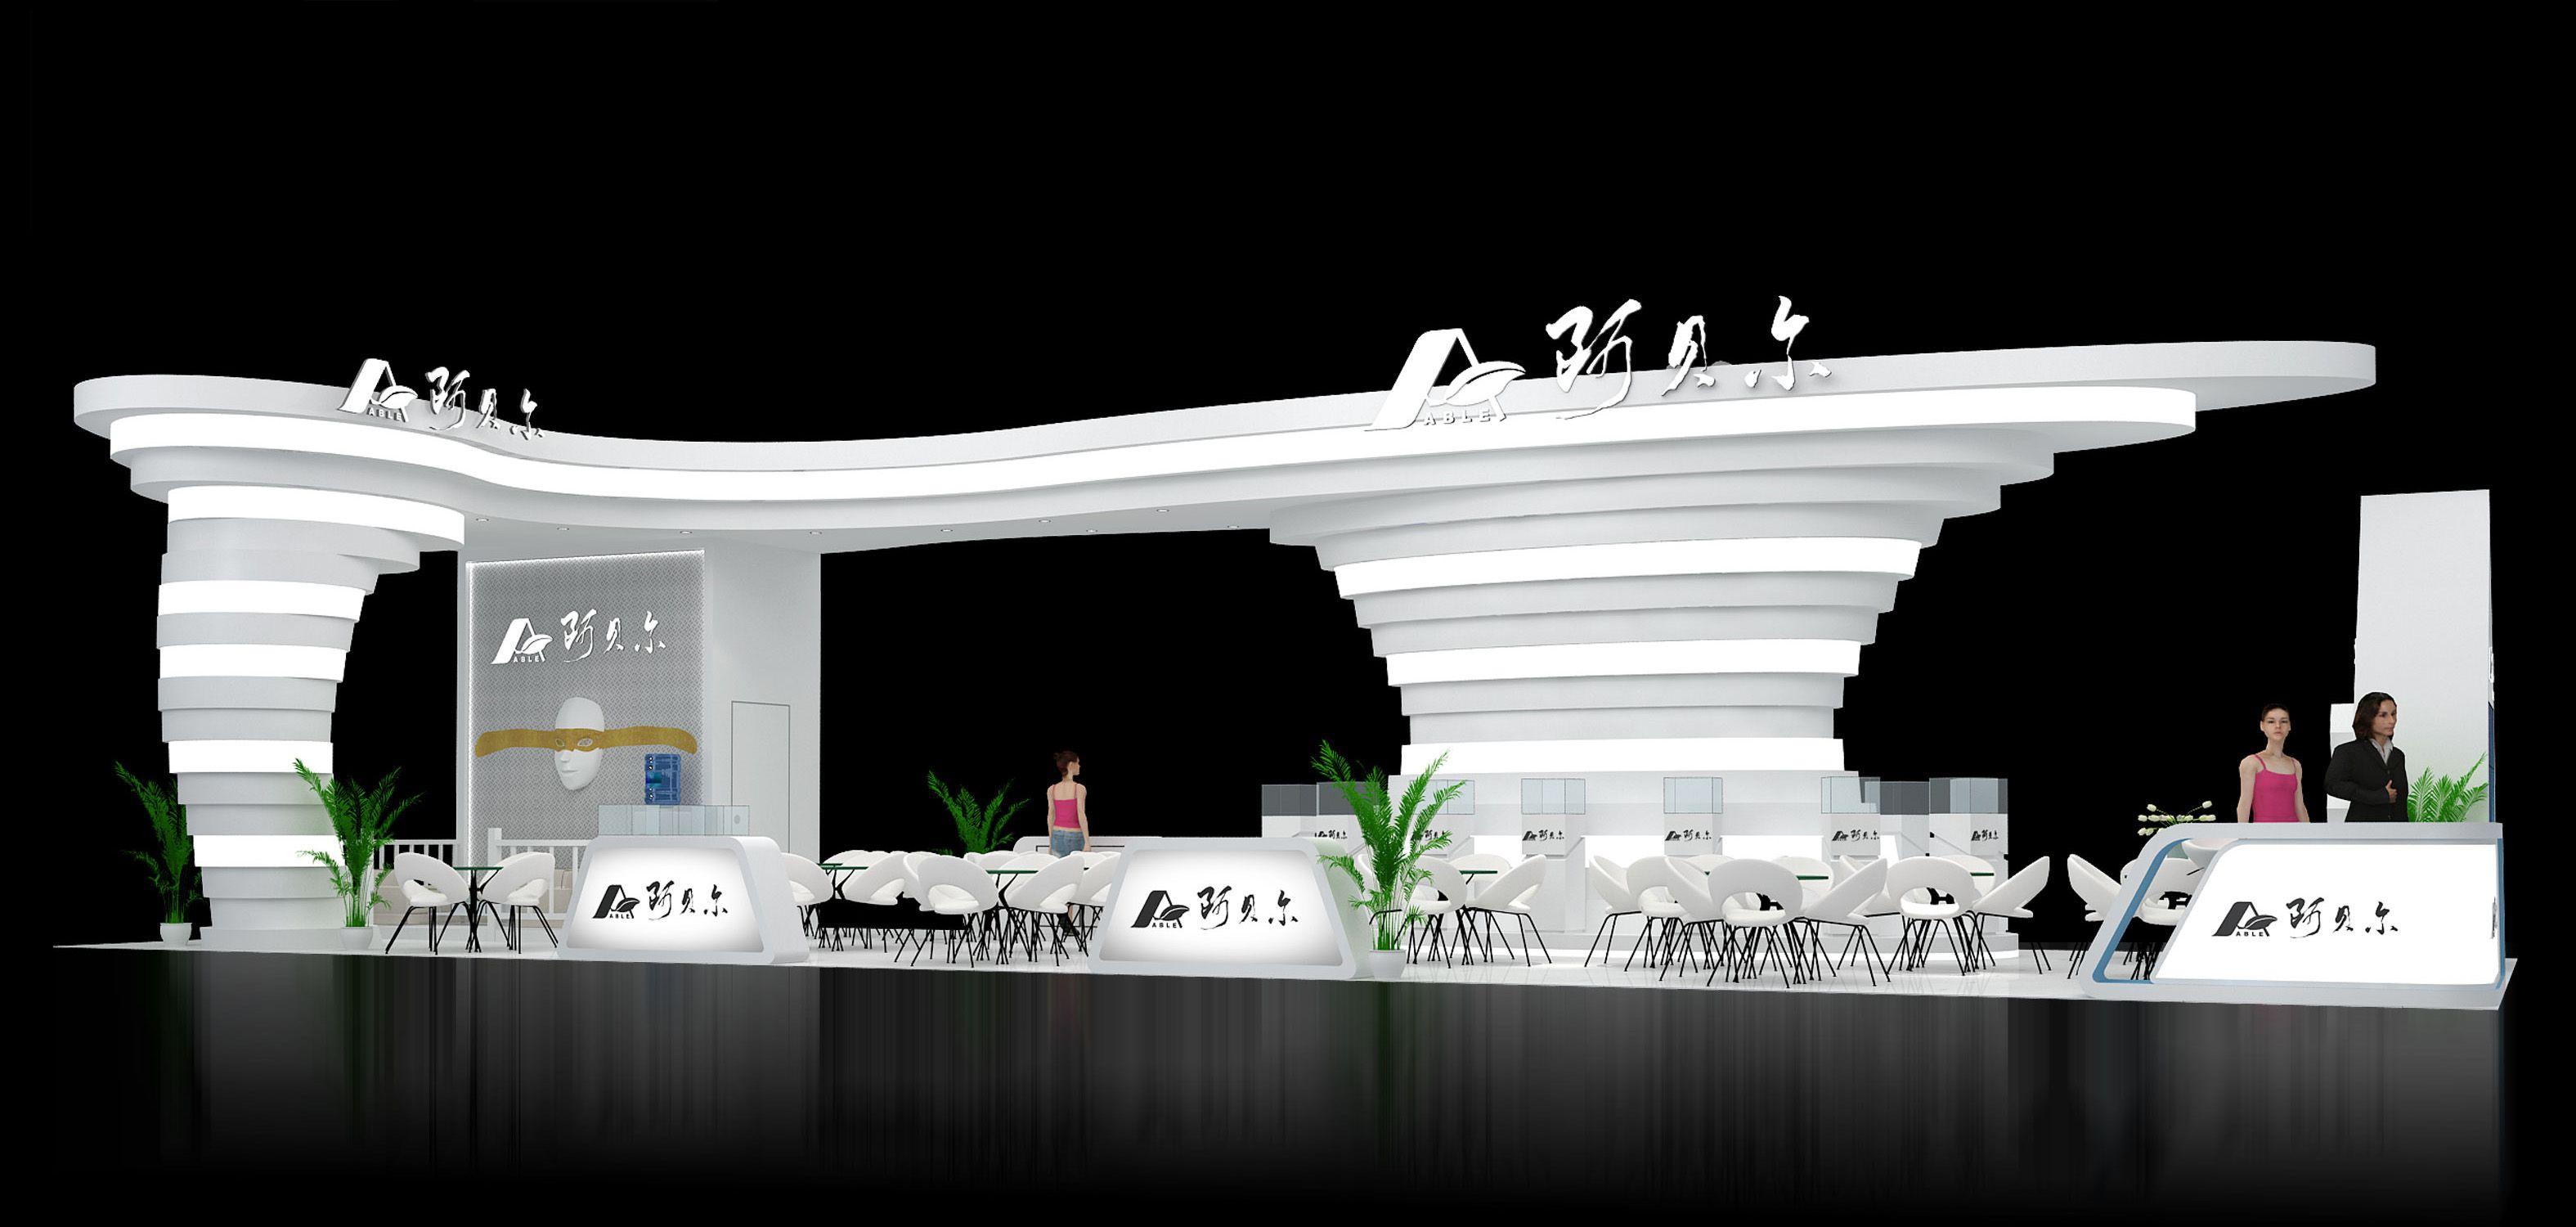 阿贝尔--广州美博会展览展示